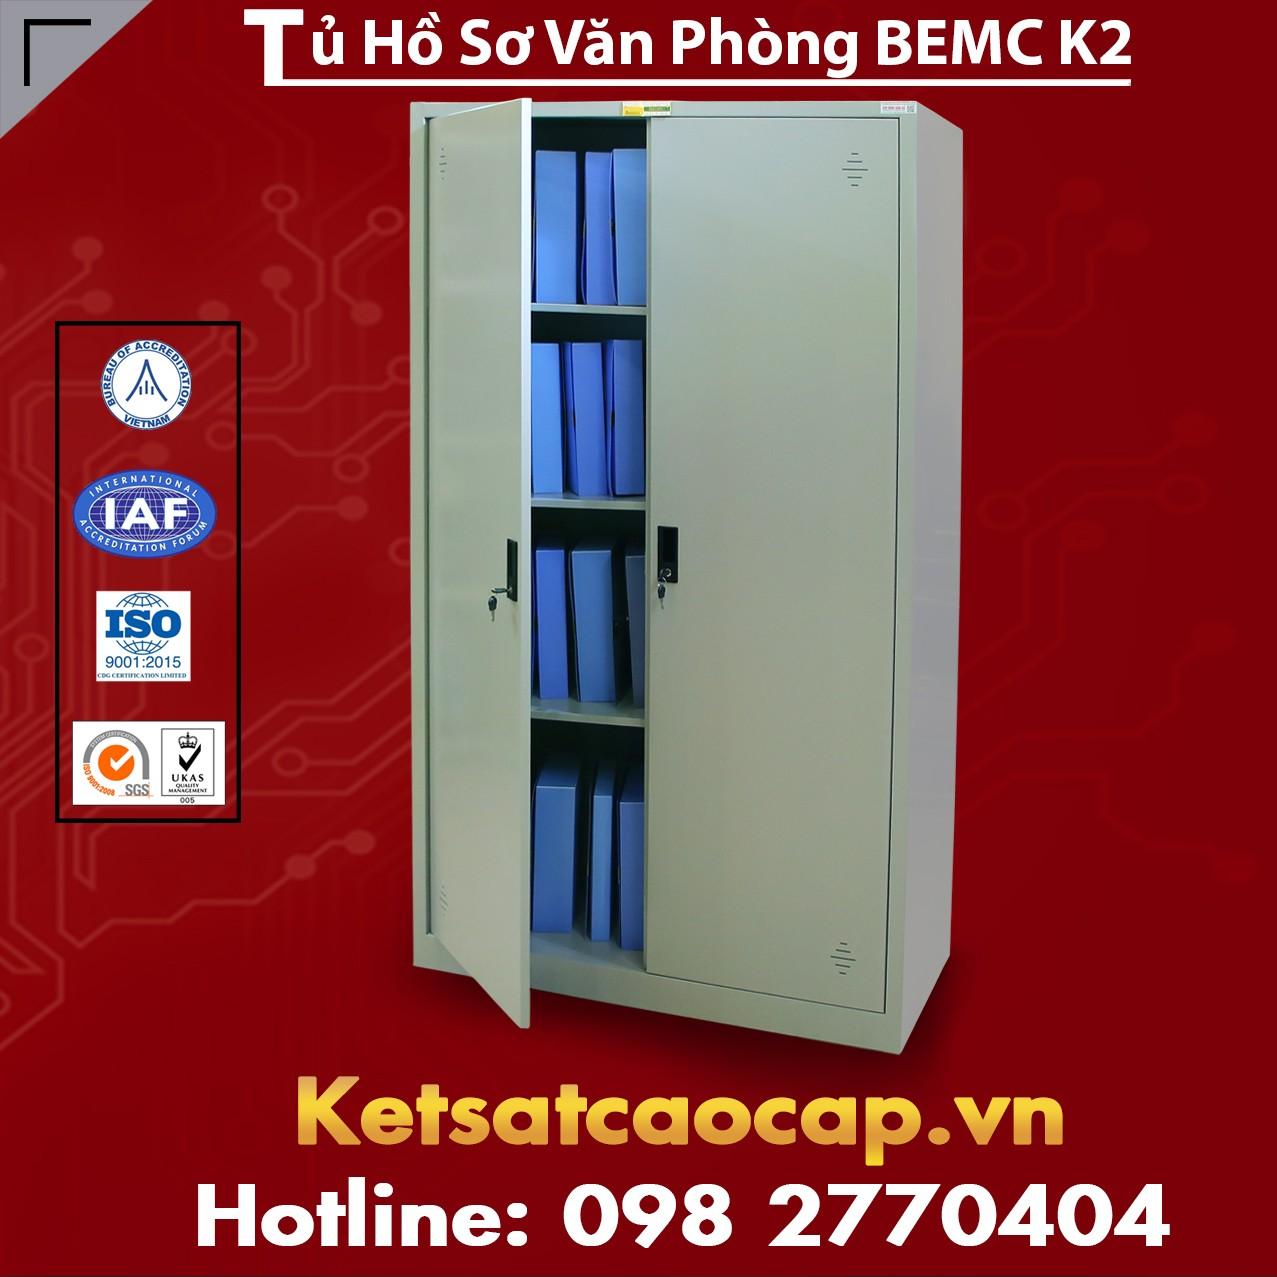 Tủ Hồ Sơ Văn Phòng BEMC K2 Lựa Chọn Số 1 Của Văn Phòng